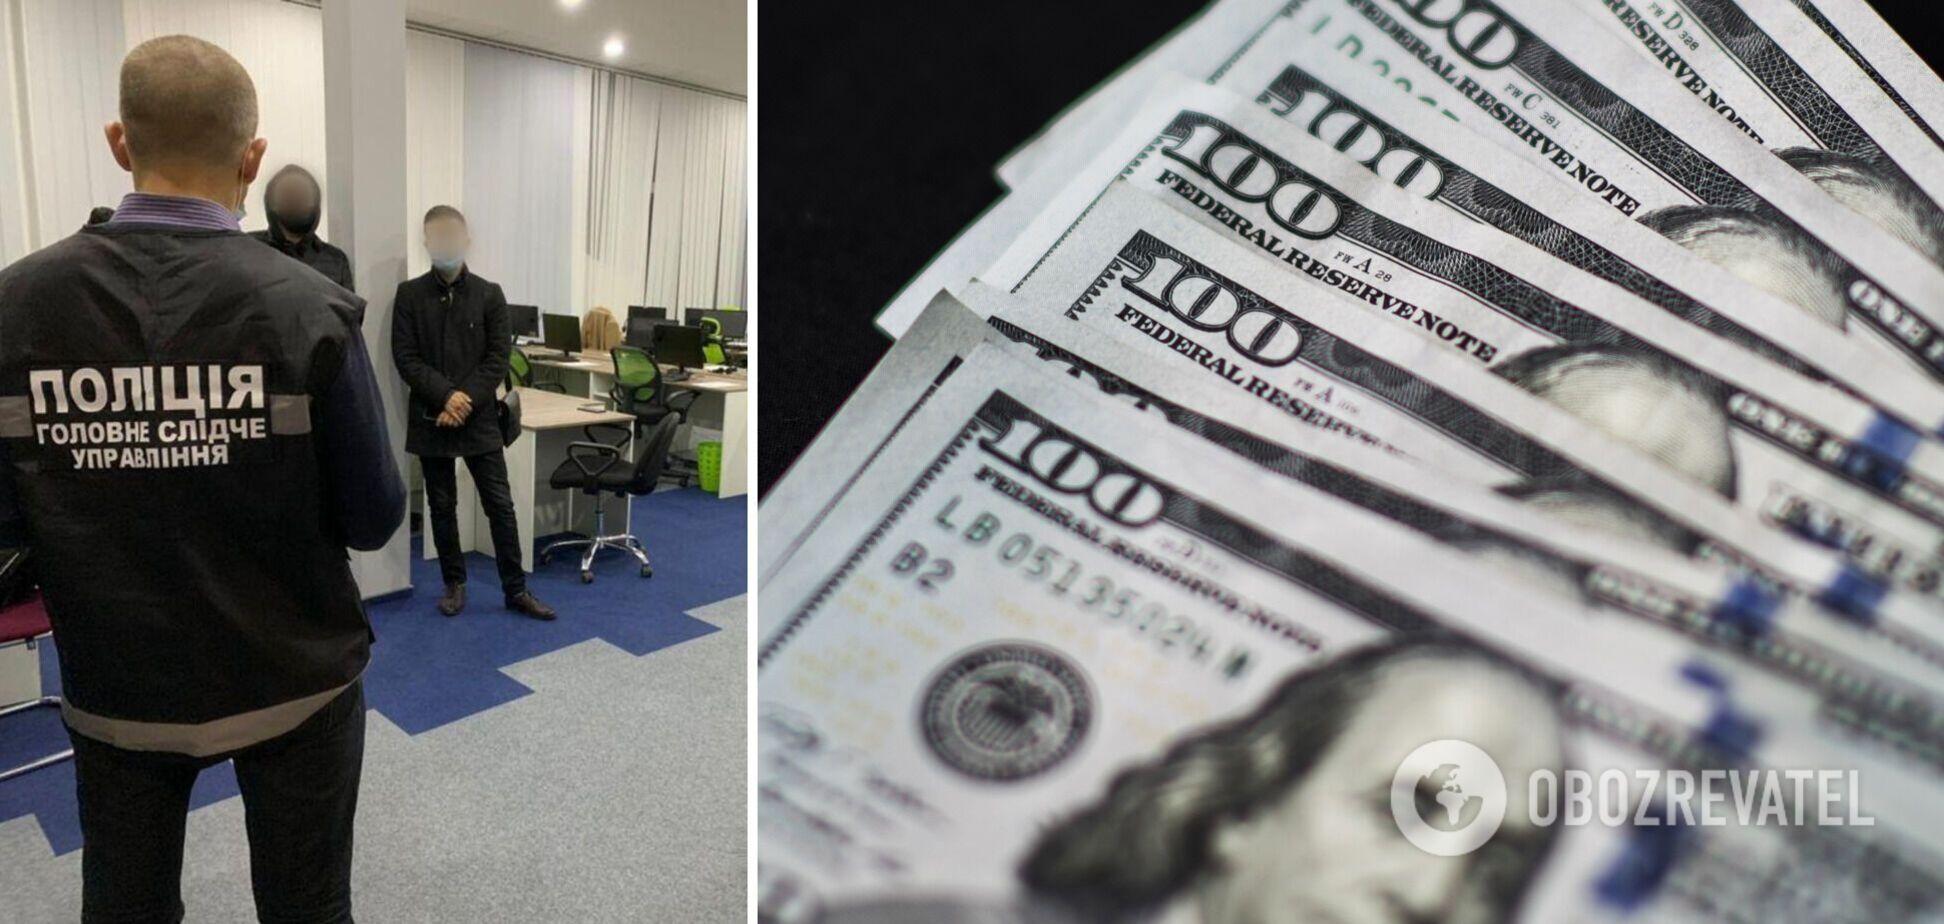 Ошукали іноземців на мільйони доларів: Нацполіція та ФБР викрили в Україні масштабну схему